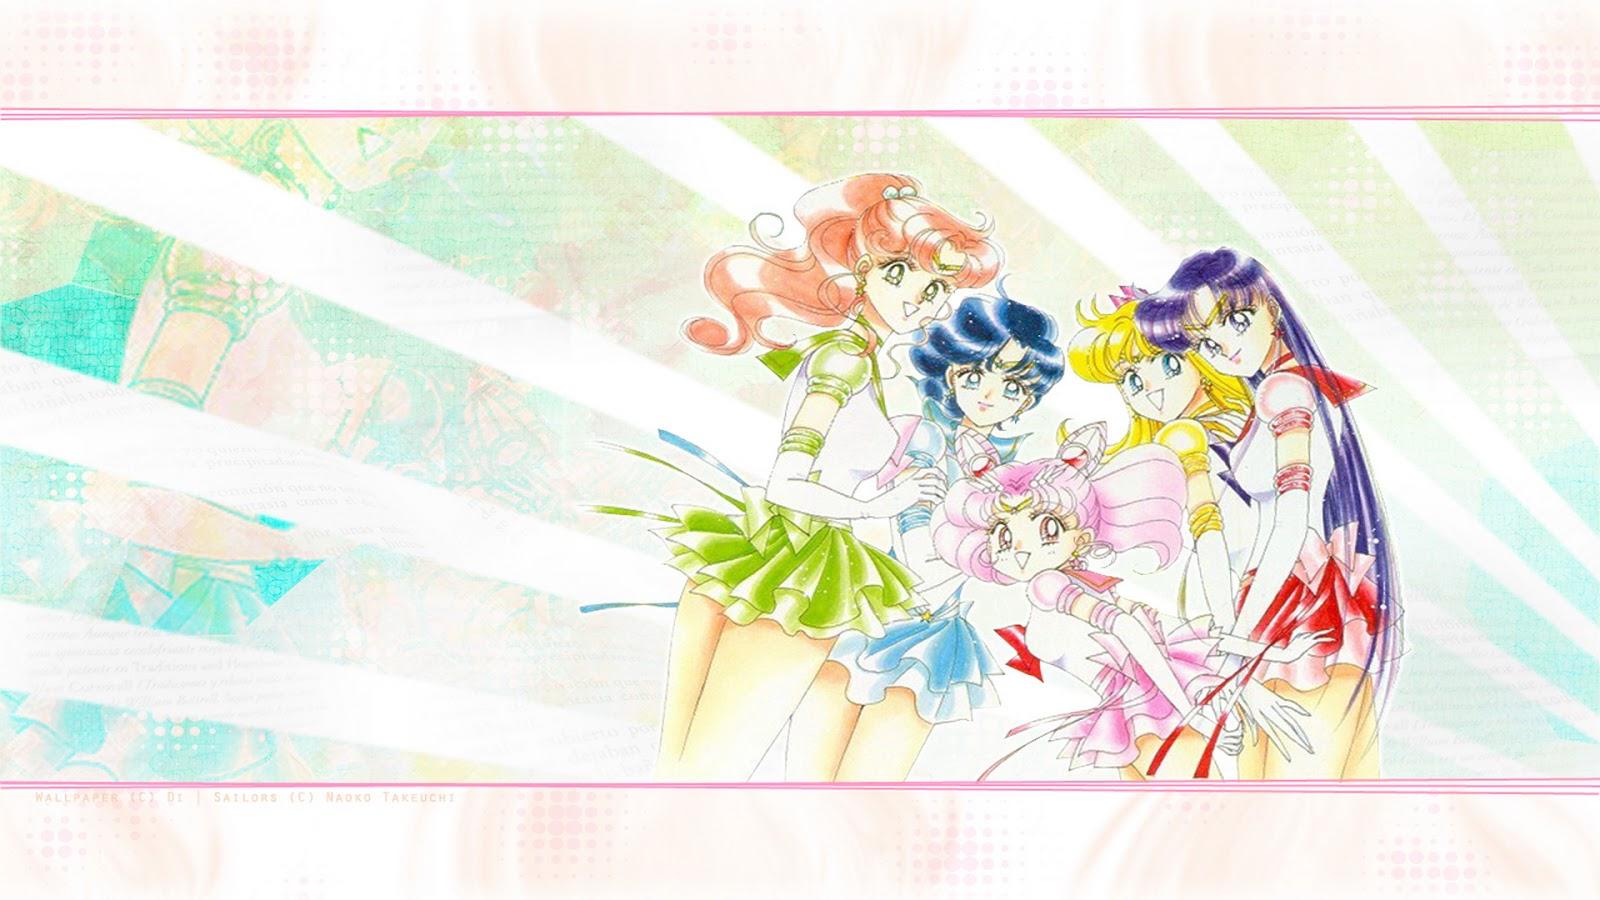 Wallpapers de Sailor Moon HD Fondos de pantalla o escritorio Anime 1600x900